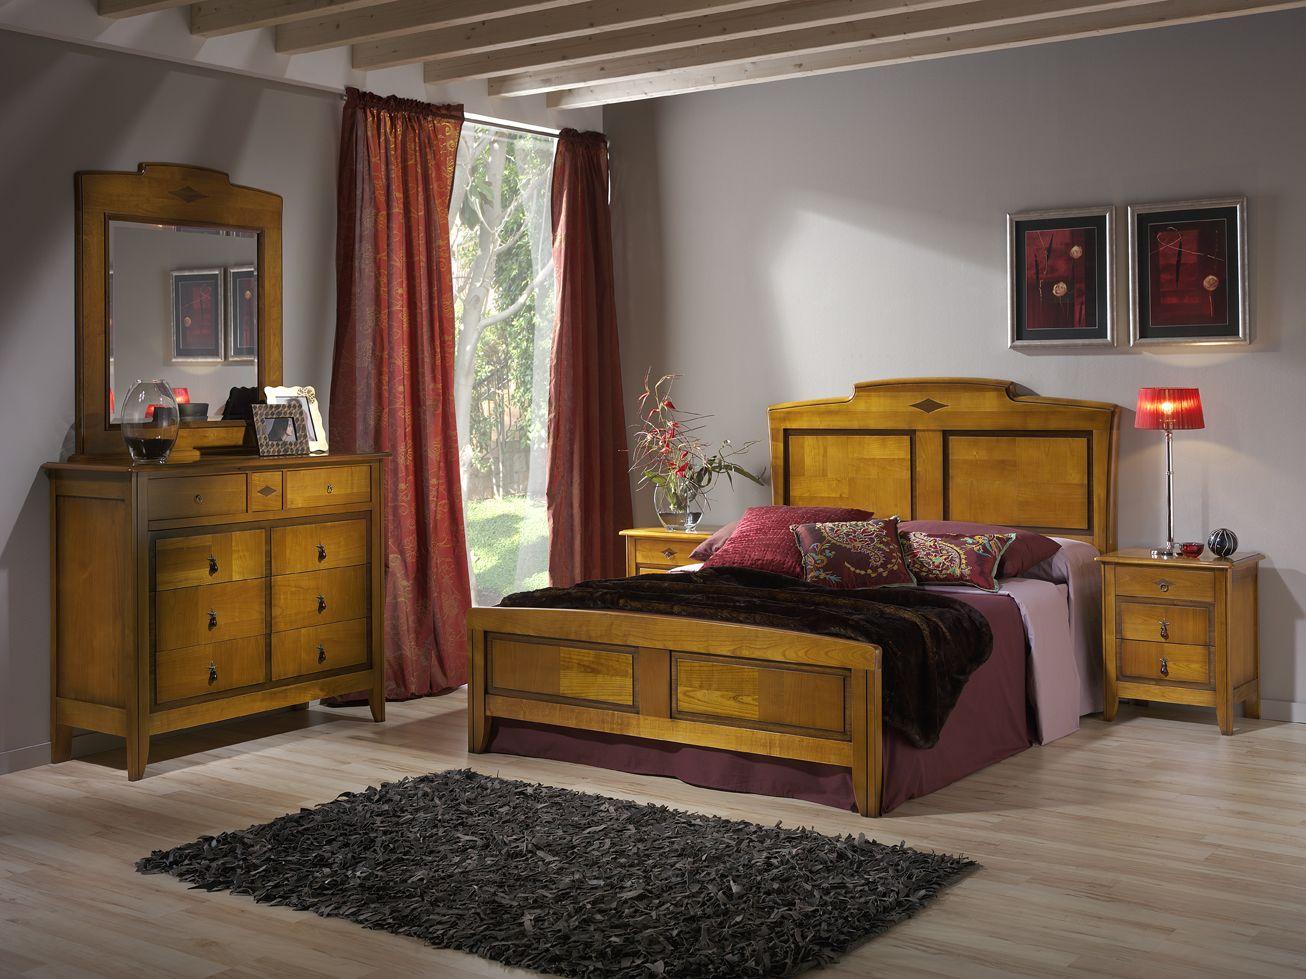 Dormitorio Clasico De Matrimonio Coleccion Daniela En Madera De  # Muebles Necesarios En Un Dormitorio